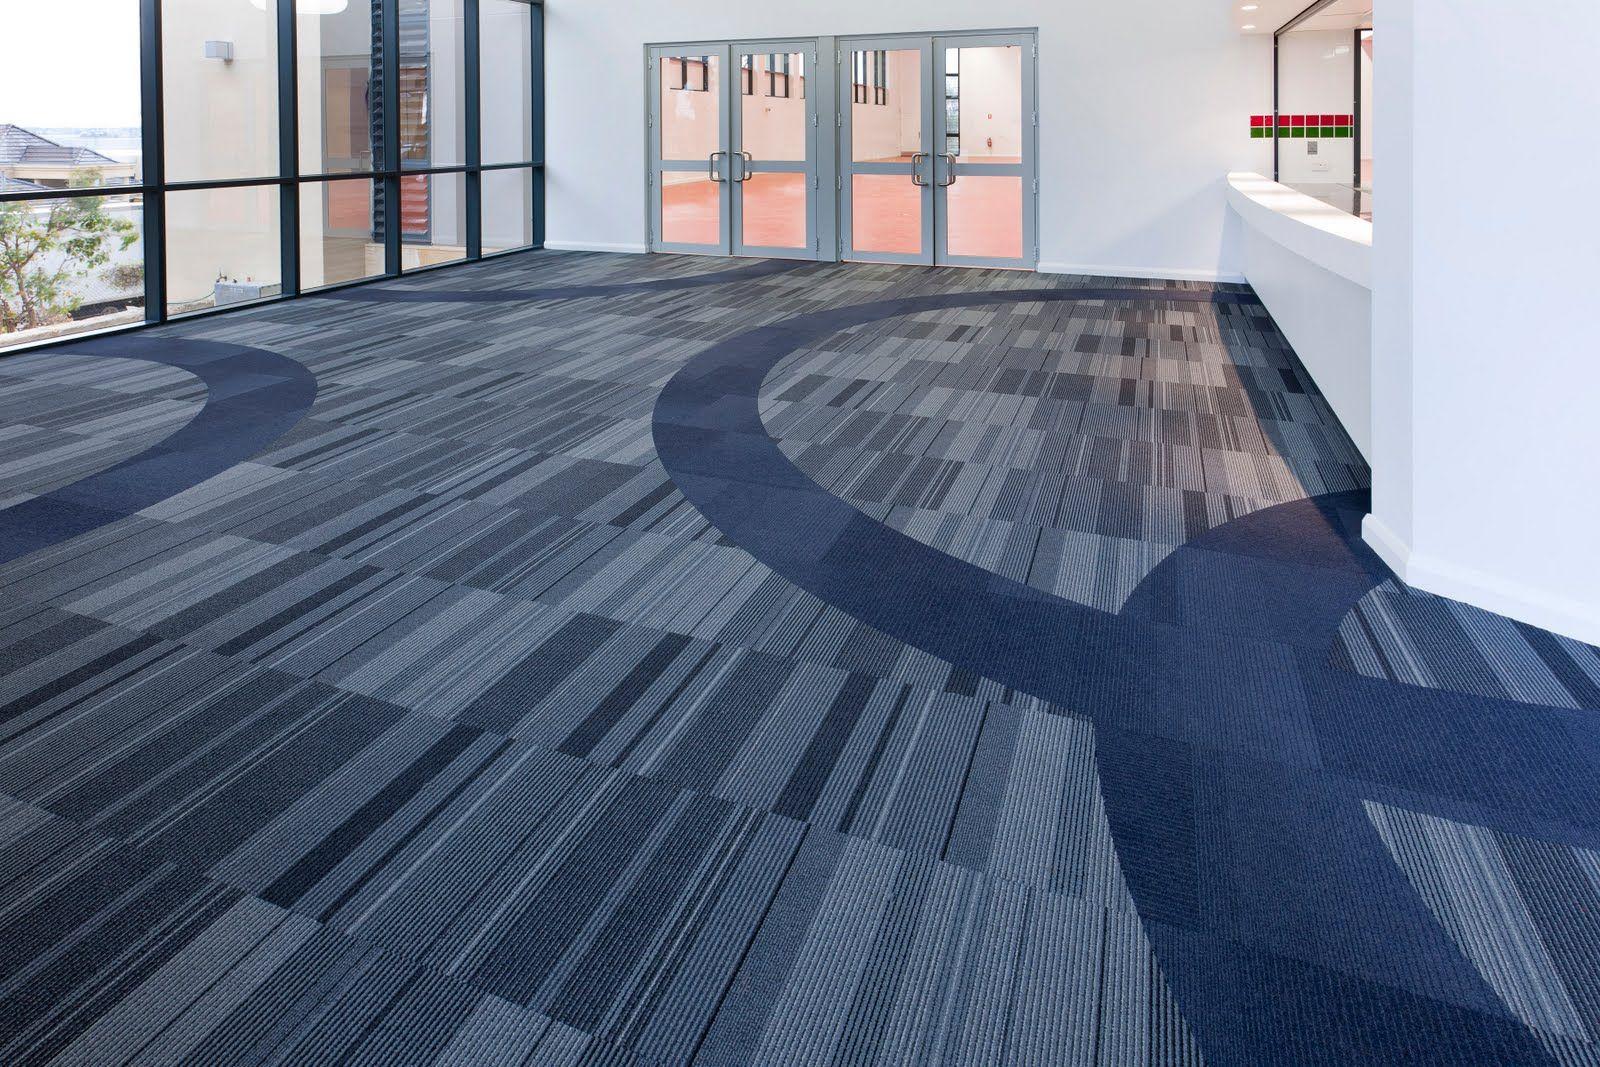 Blue Commercial Carpet Tiles